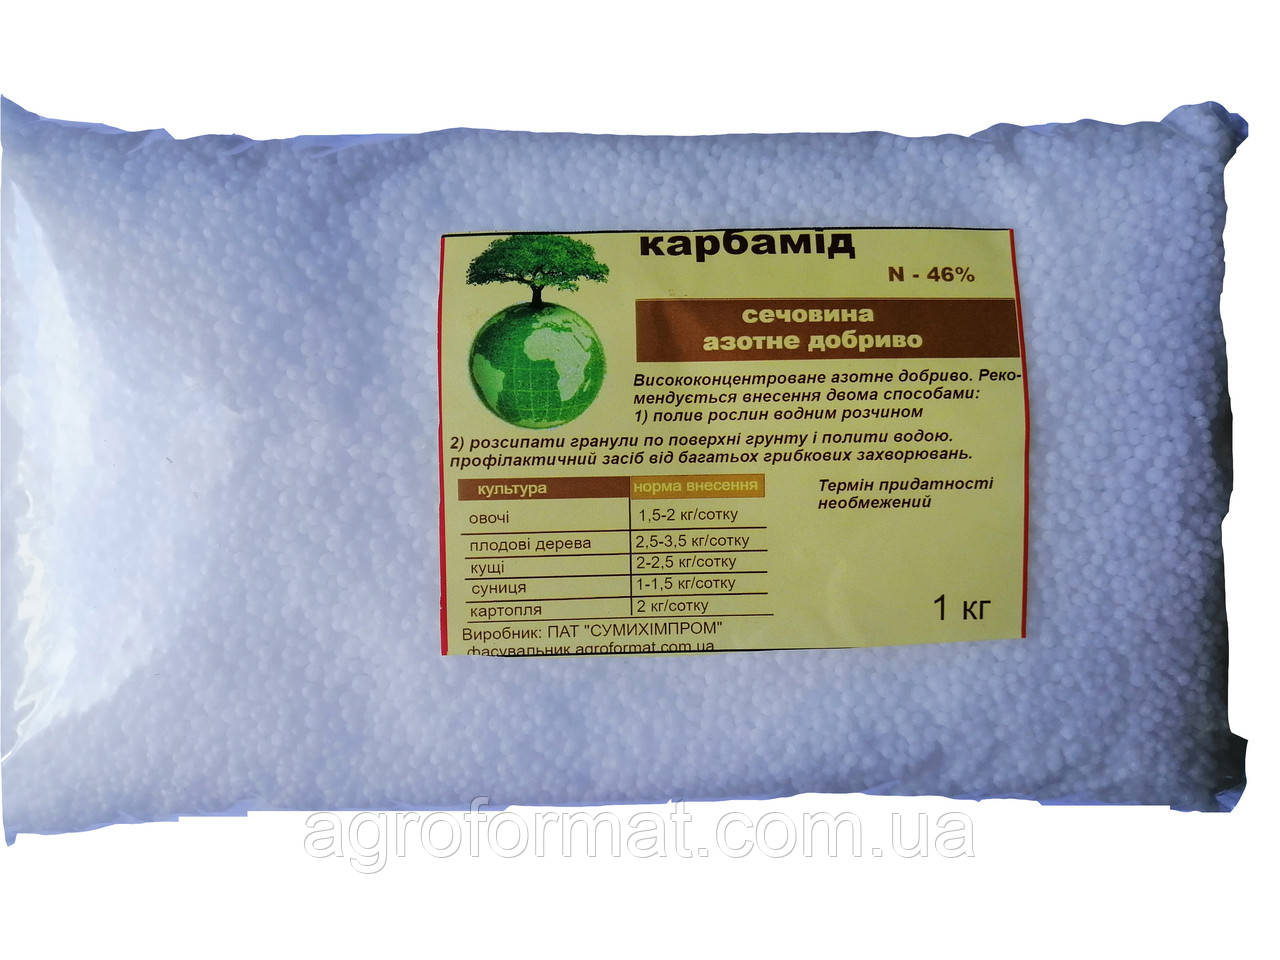 Карбамид (мочевина) 1 кг